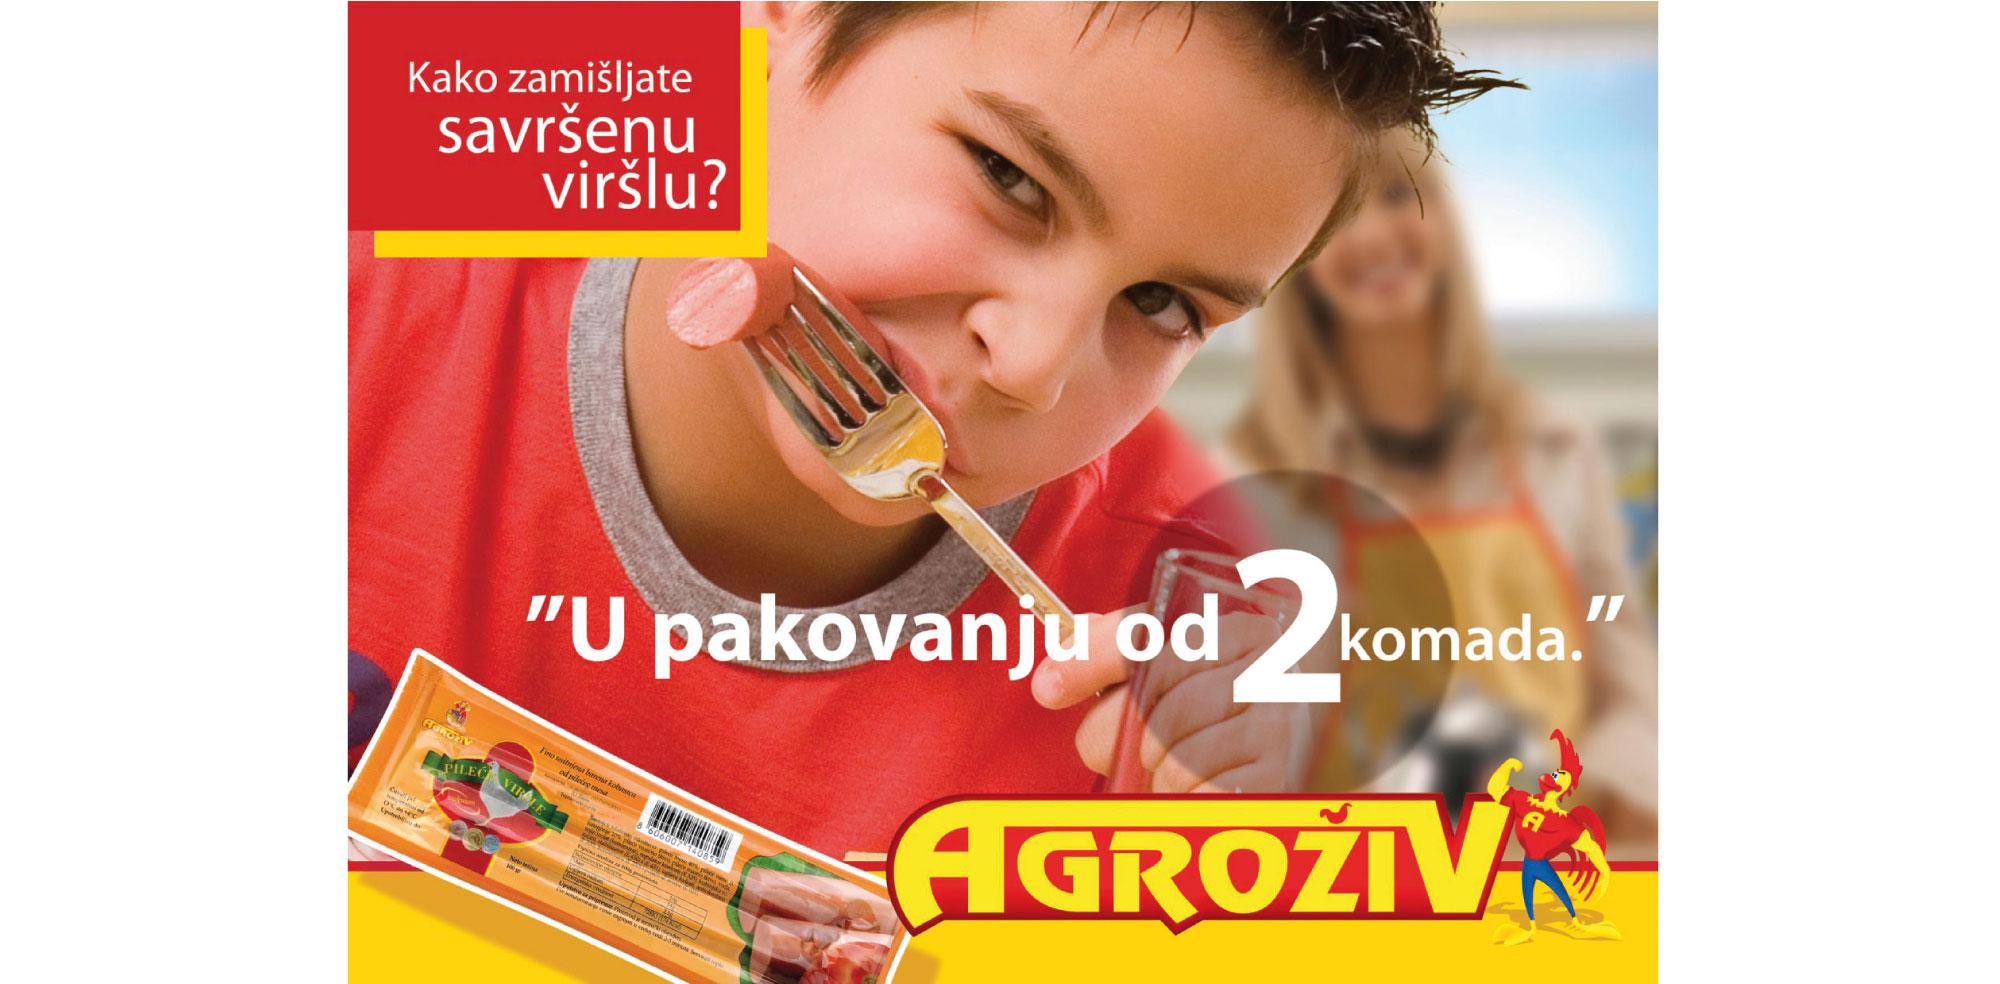 agroziv poster 1